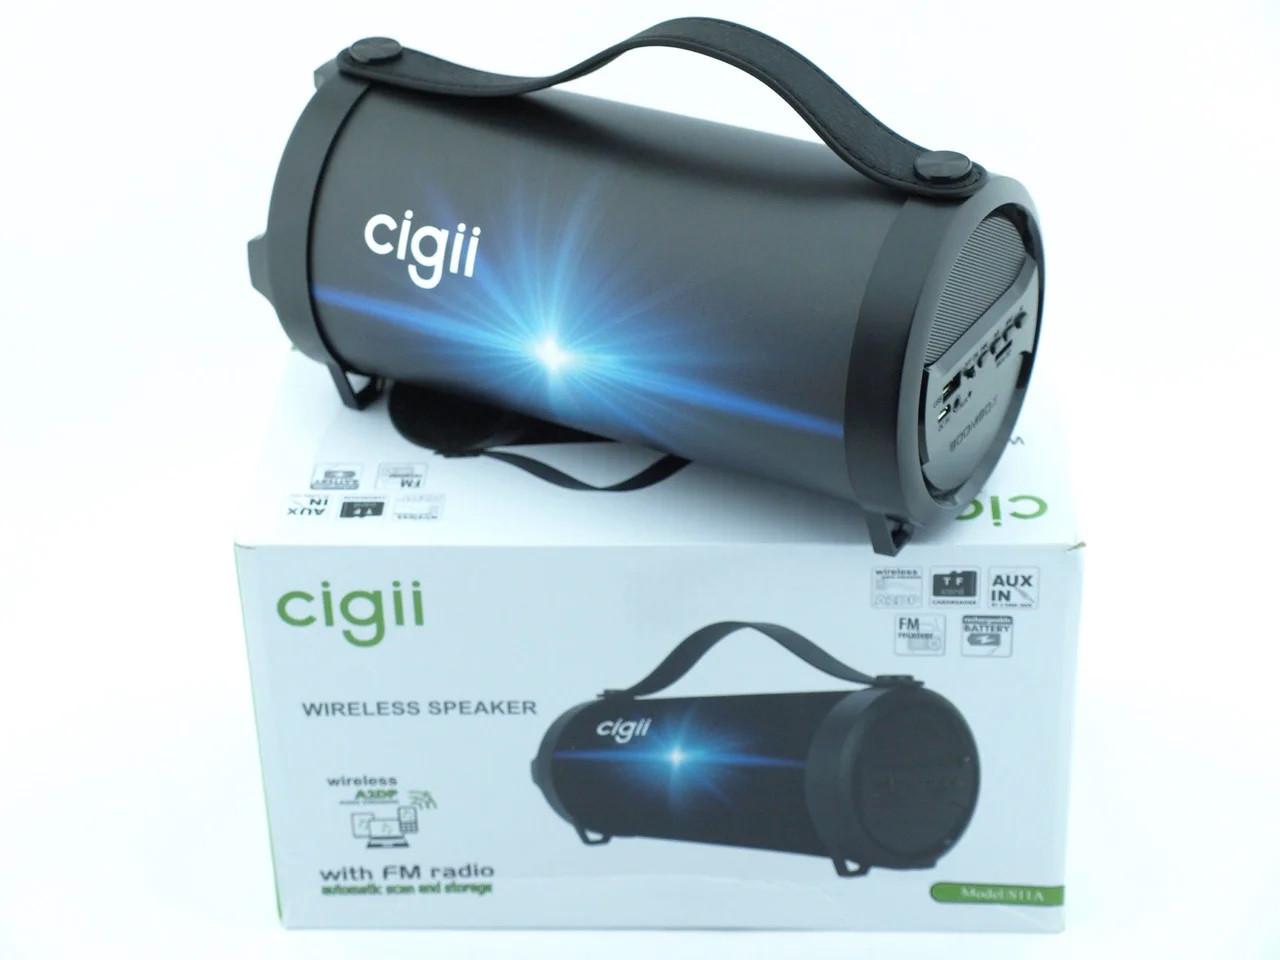 Компактная беспроводная Bluetooth Cigii S11A портативная колонка бумбокс с микрофоном USB и картой памяти